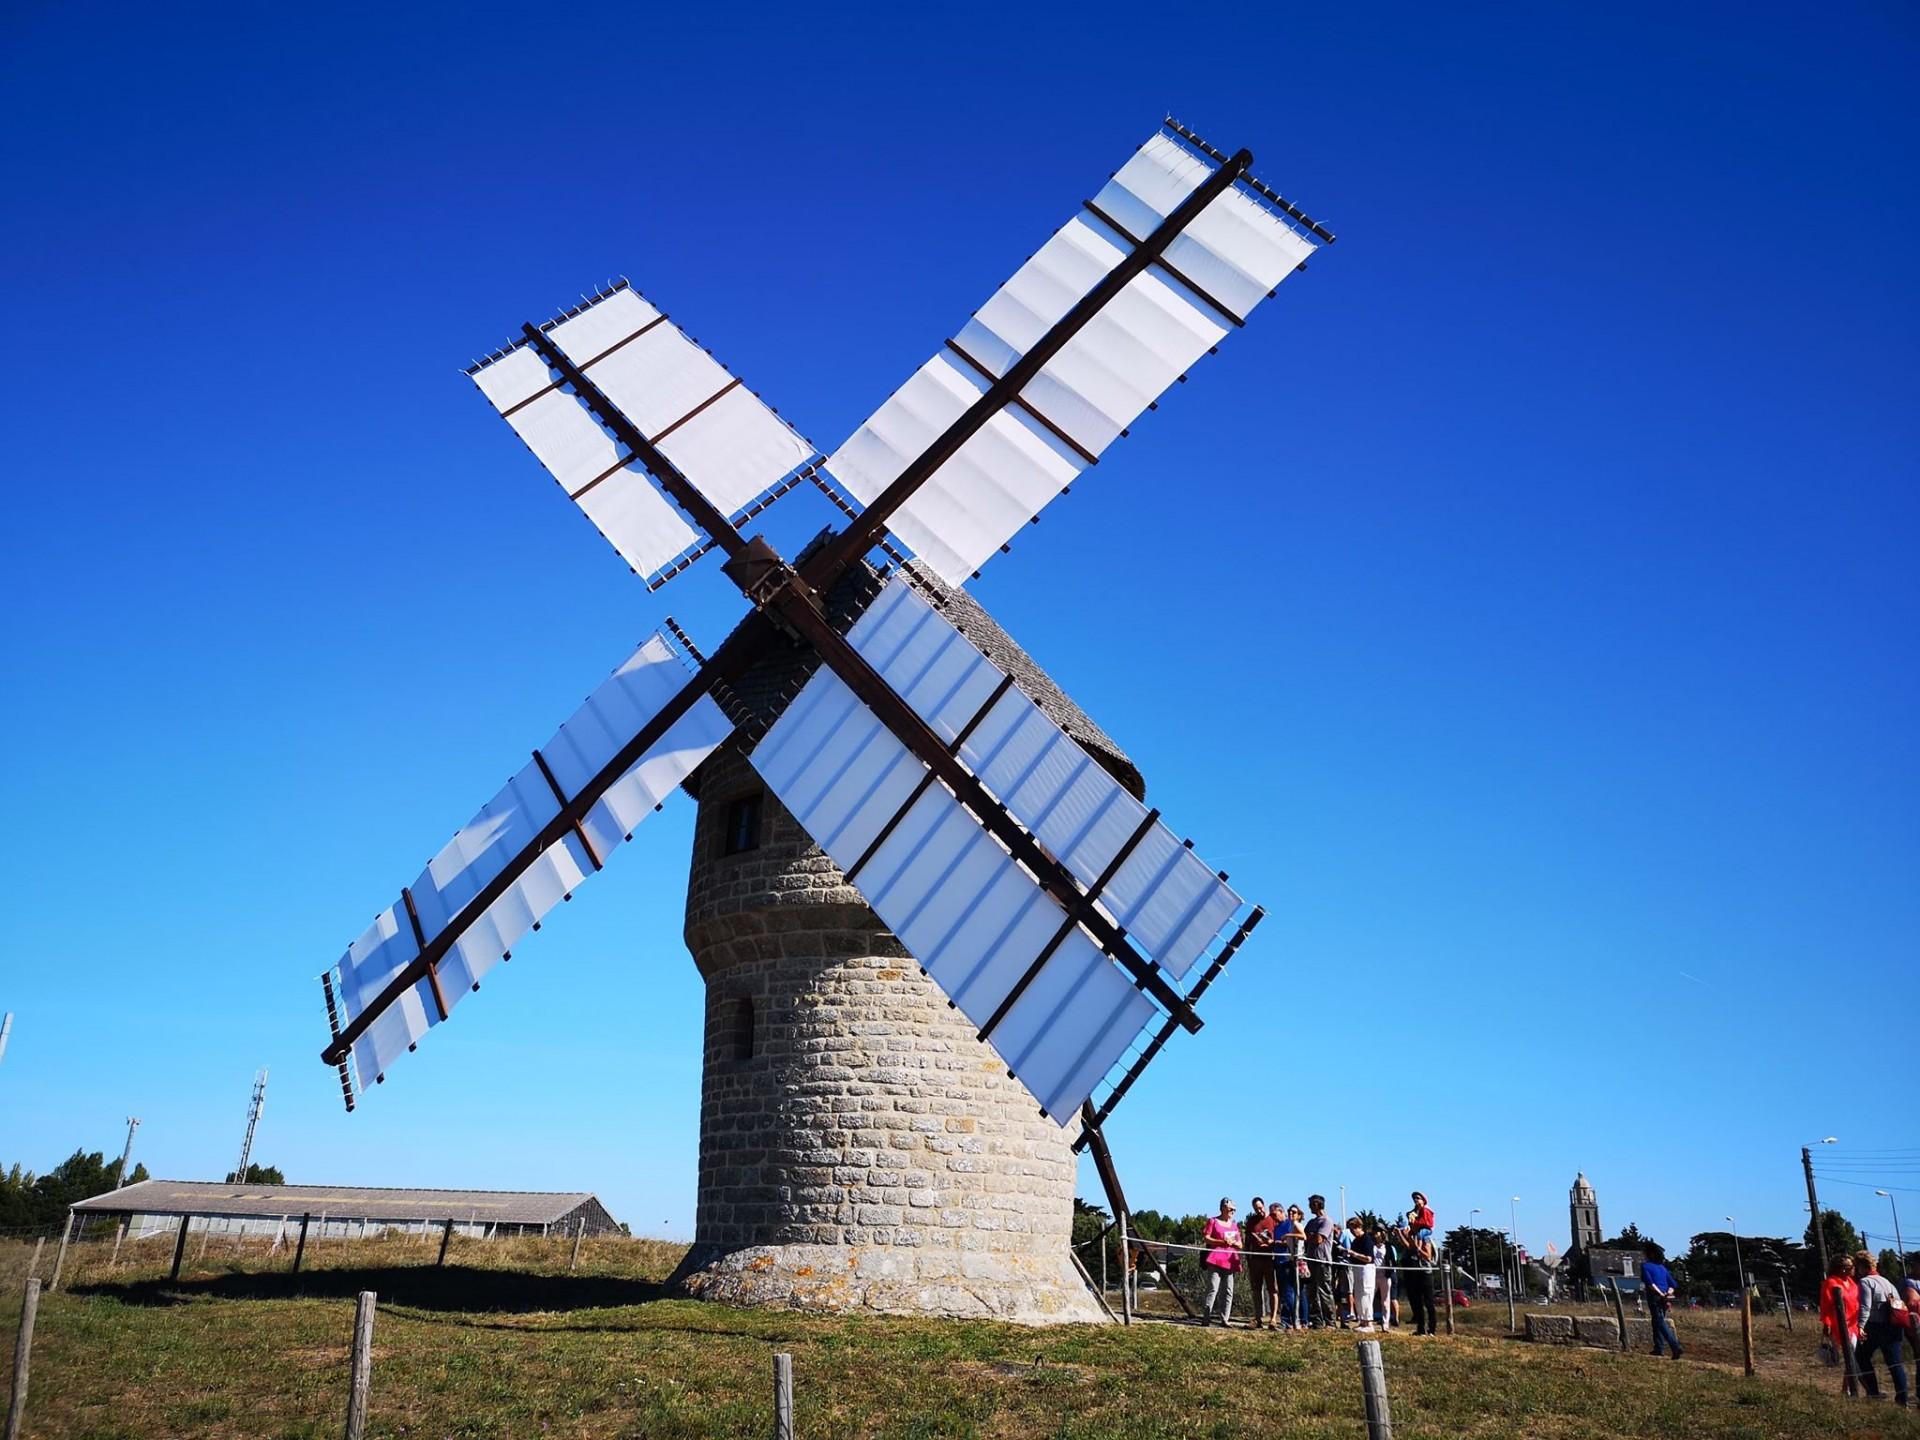 moulin1-1330264